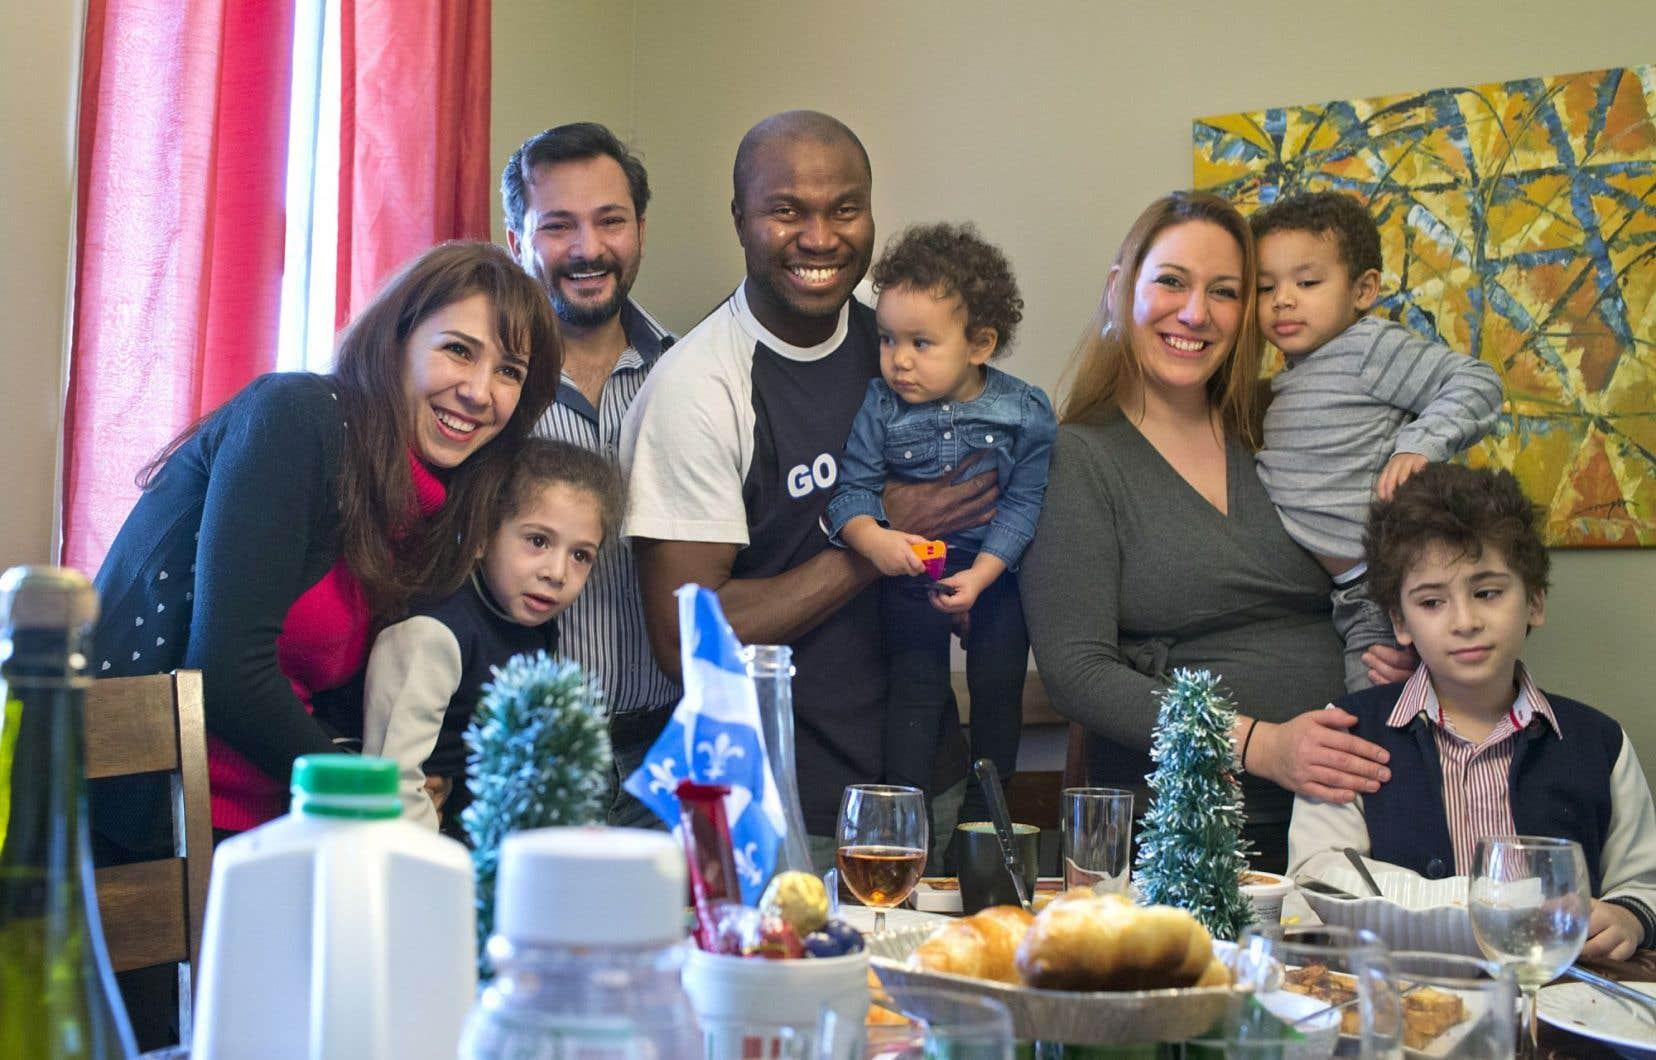 Les deux familles réunies pour le brunch. De gauche à droite: Laura Moussa, Evan Romhein, Loay Romhein (derrière), Charles Renaud Lidji avec sa fille Iris Camélia Lidji, Chloé Meunier-Gingras qui porte Chad-Éliam dans ses bras et Cizar Romhein.